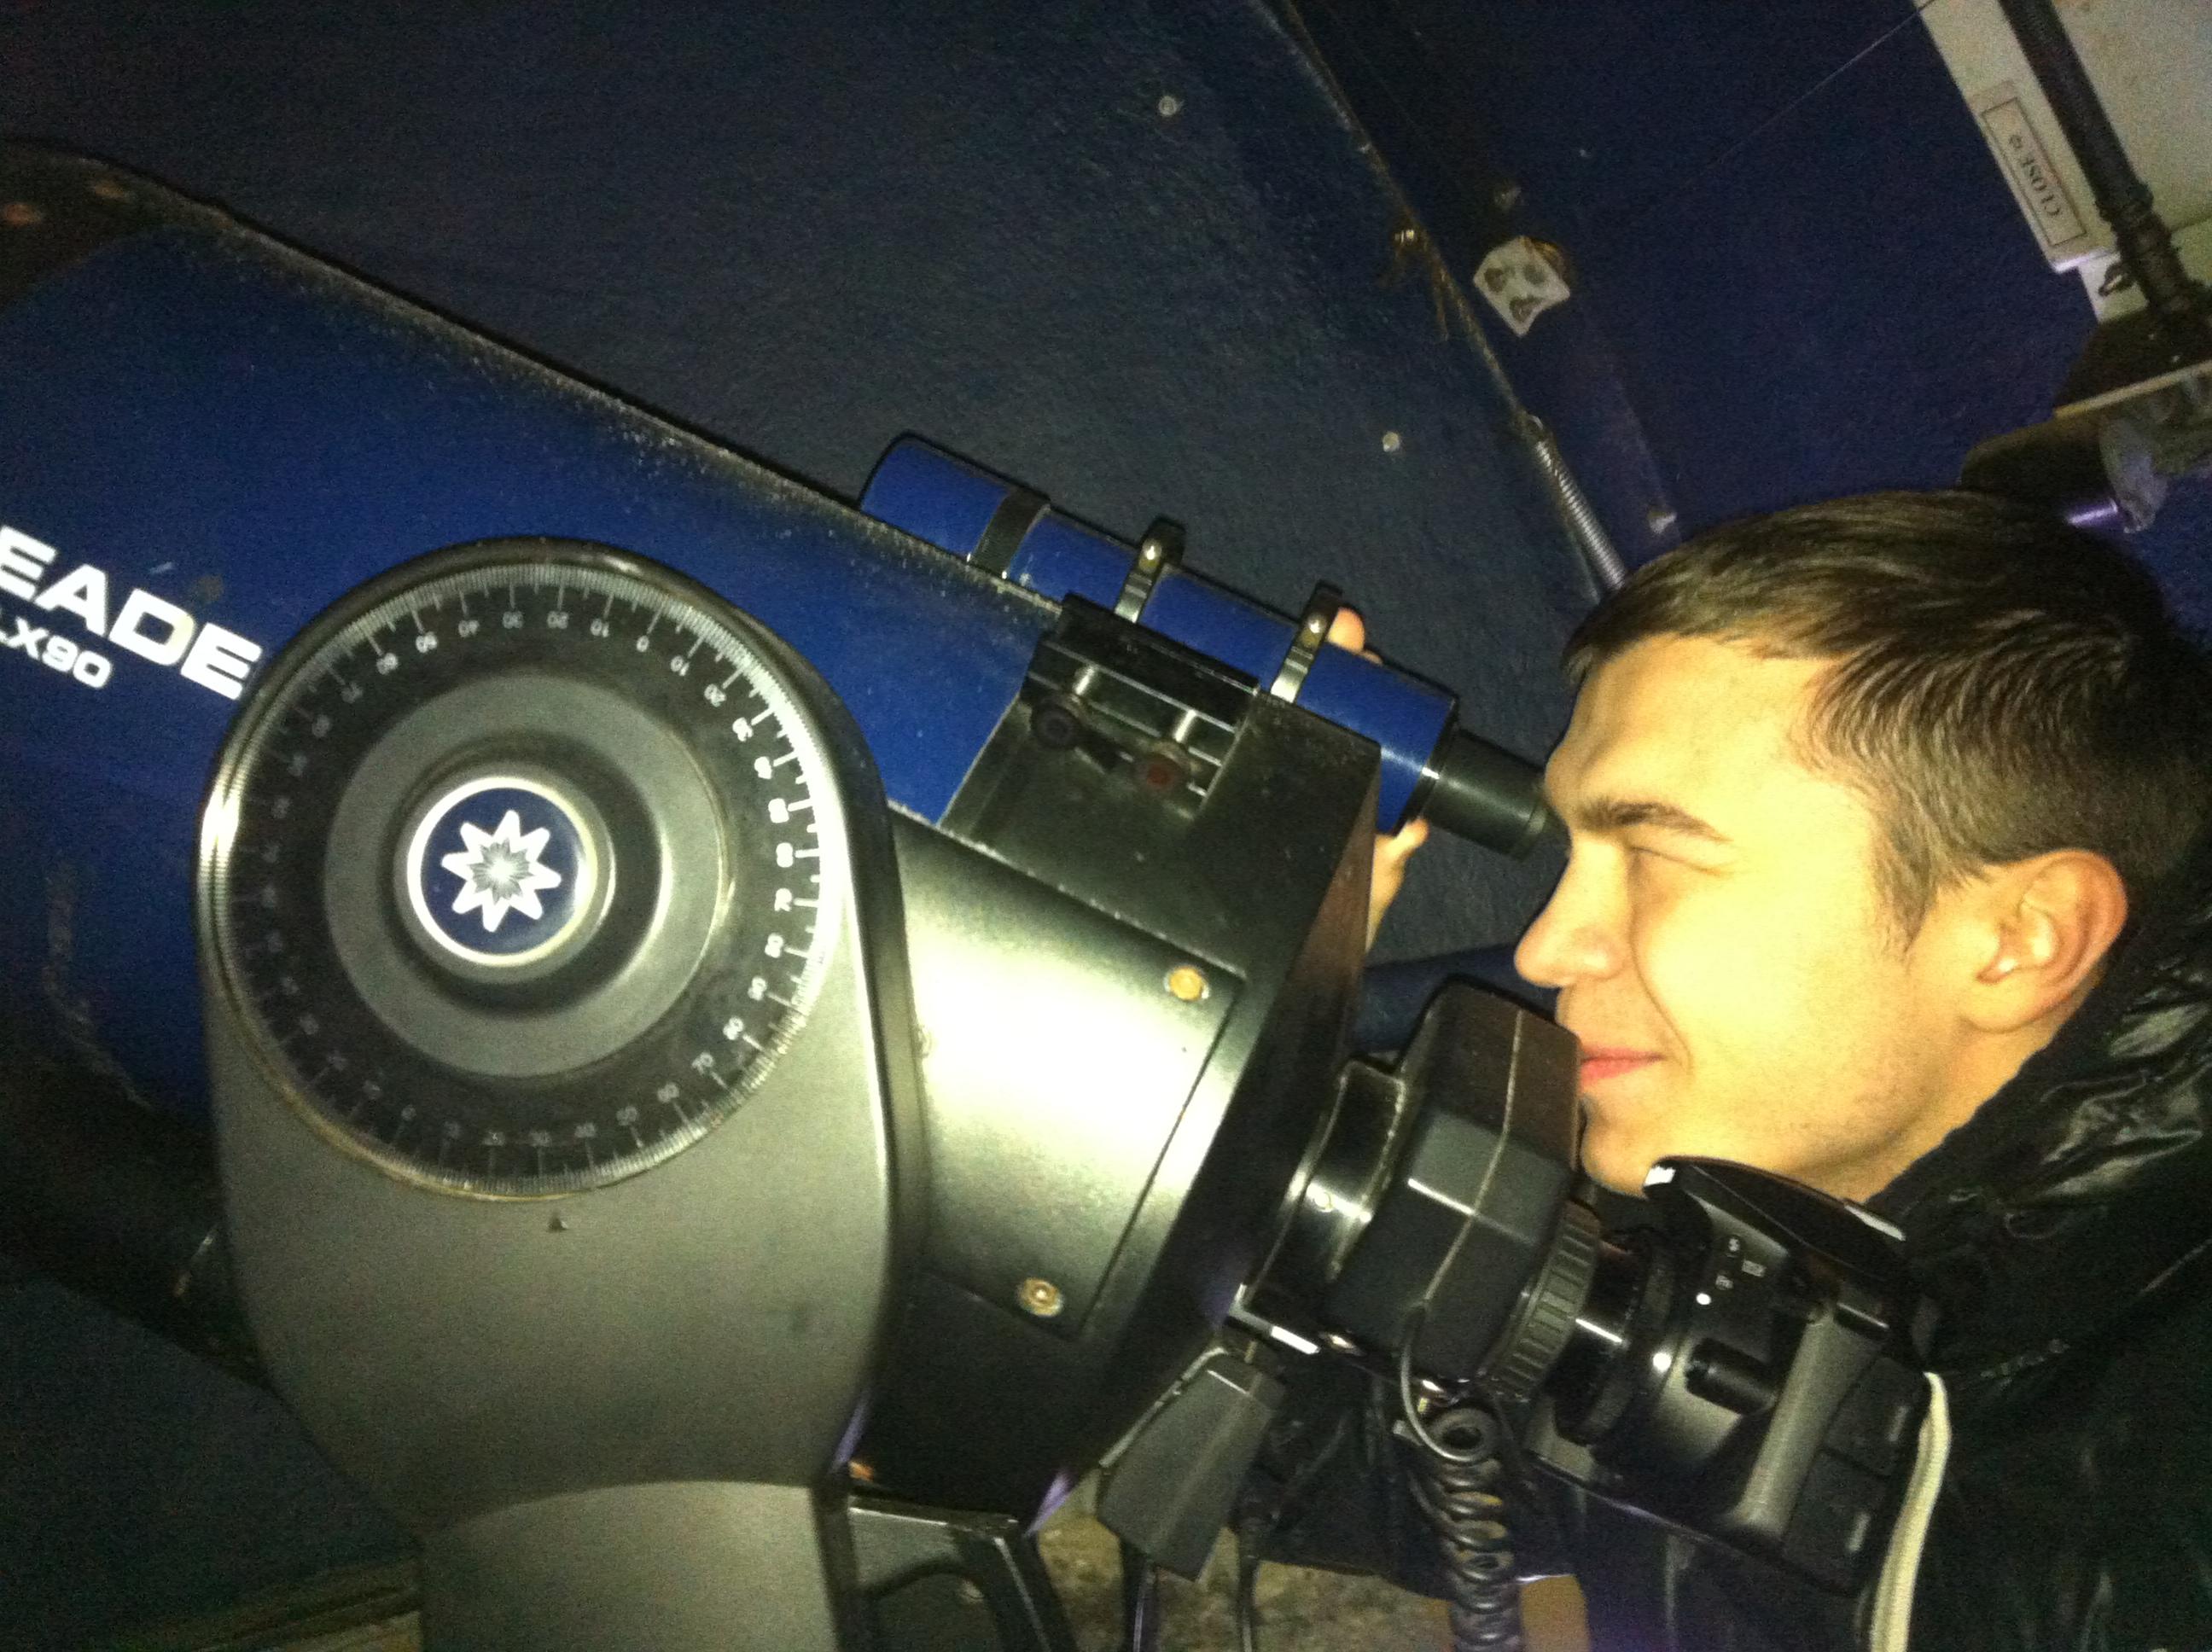 Новая цифровая камера Nicon в школьной обсерватории